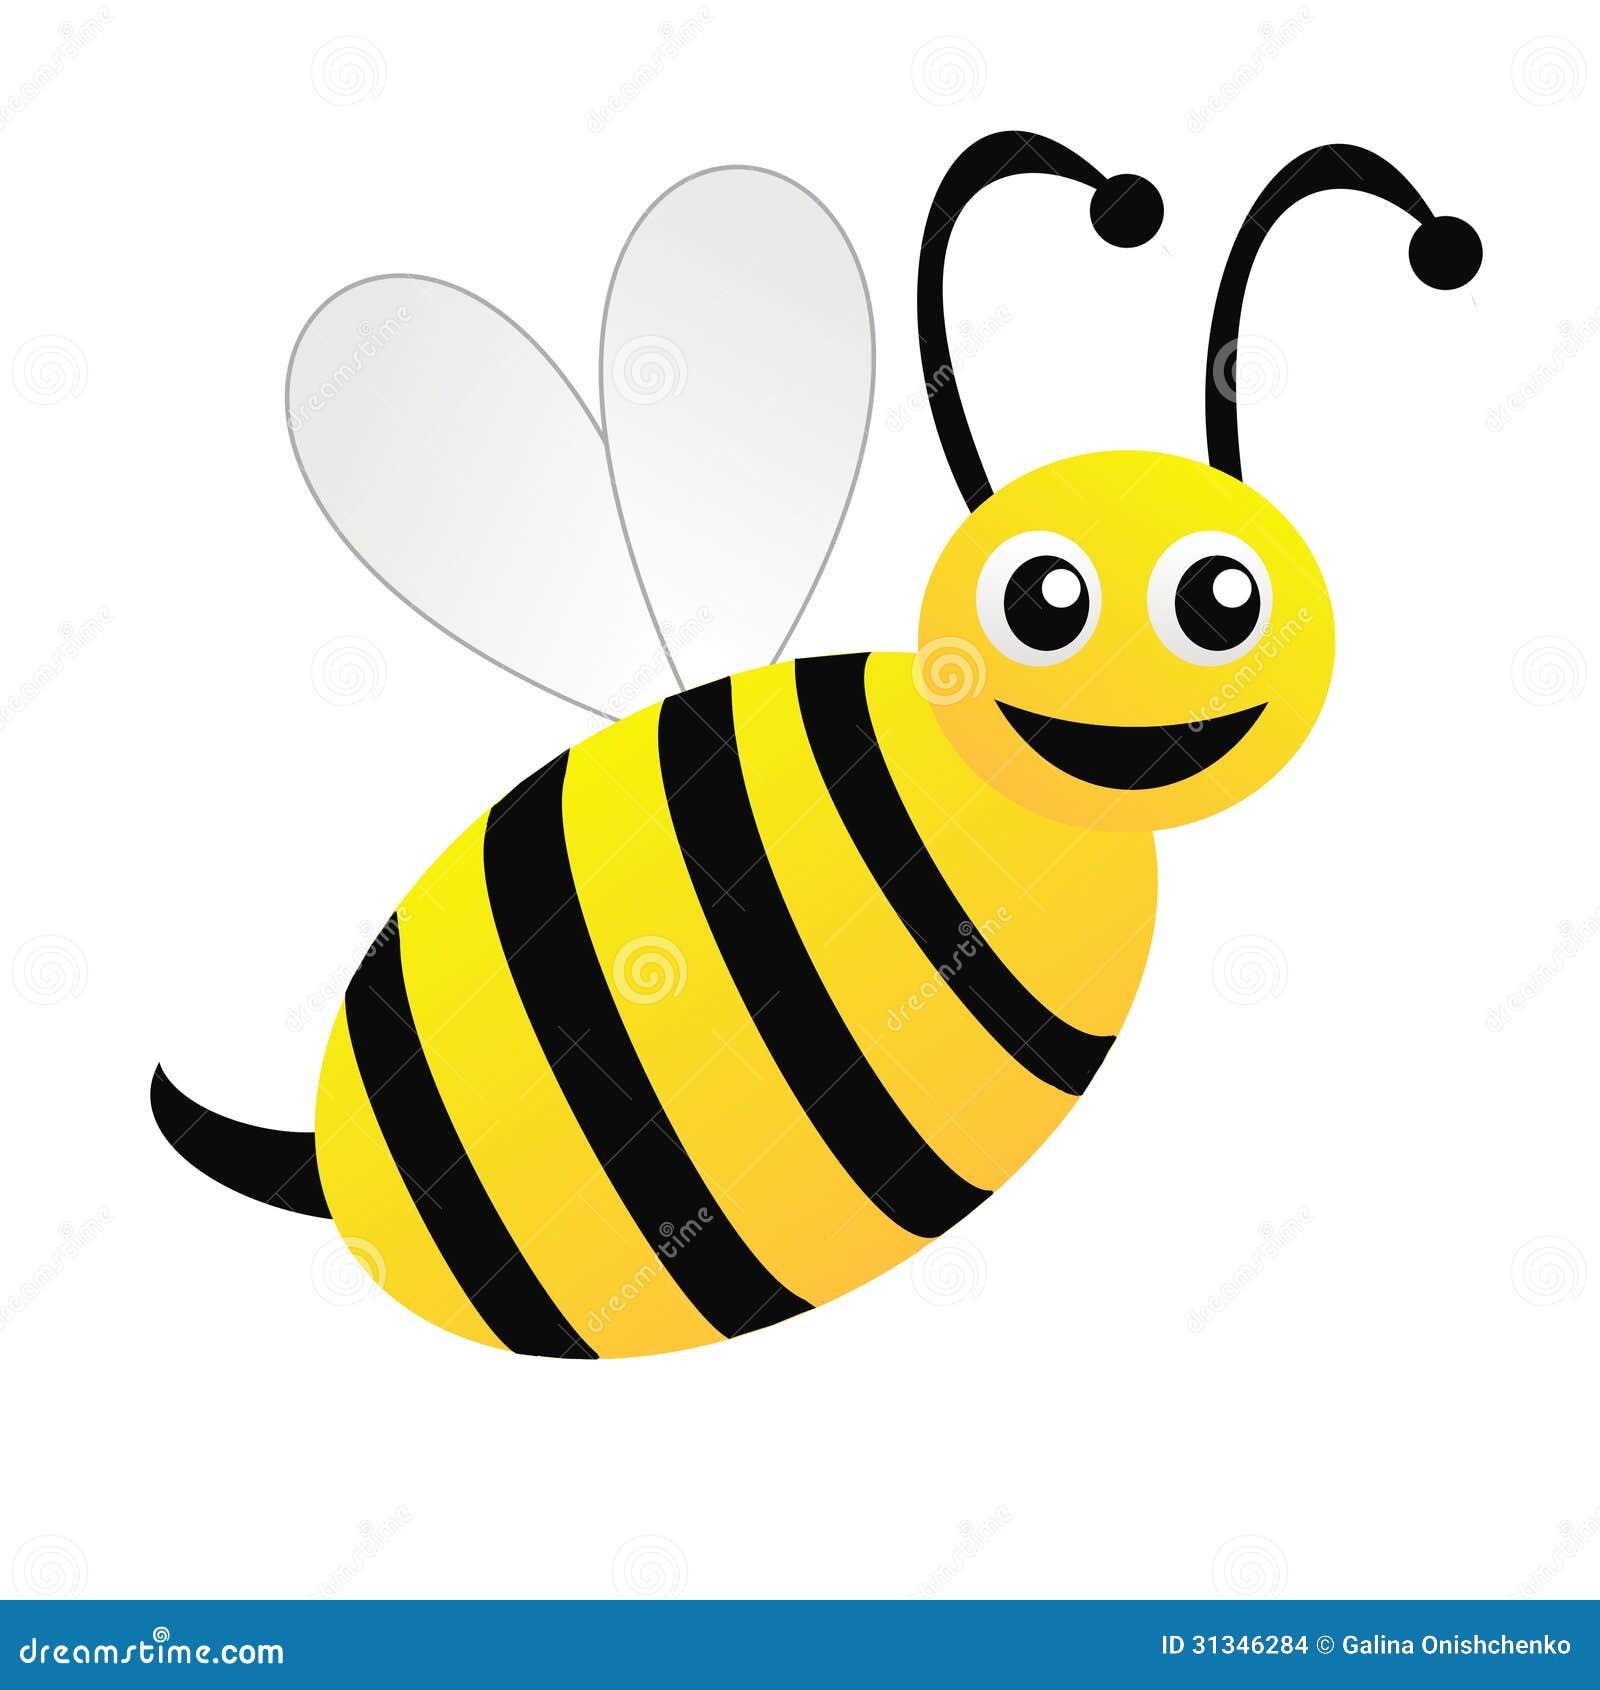 Amsante Gezeichnete Biene Auf Einem Weien Hintergrund Stockbilder Bild 31346284